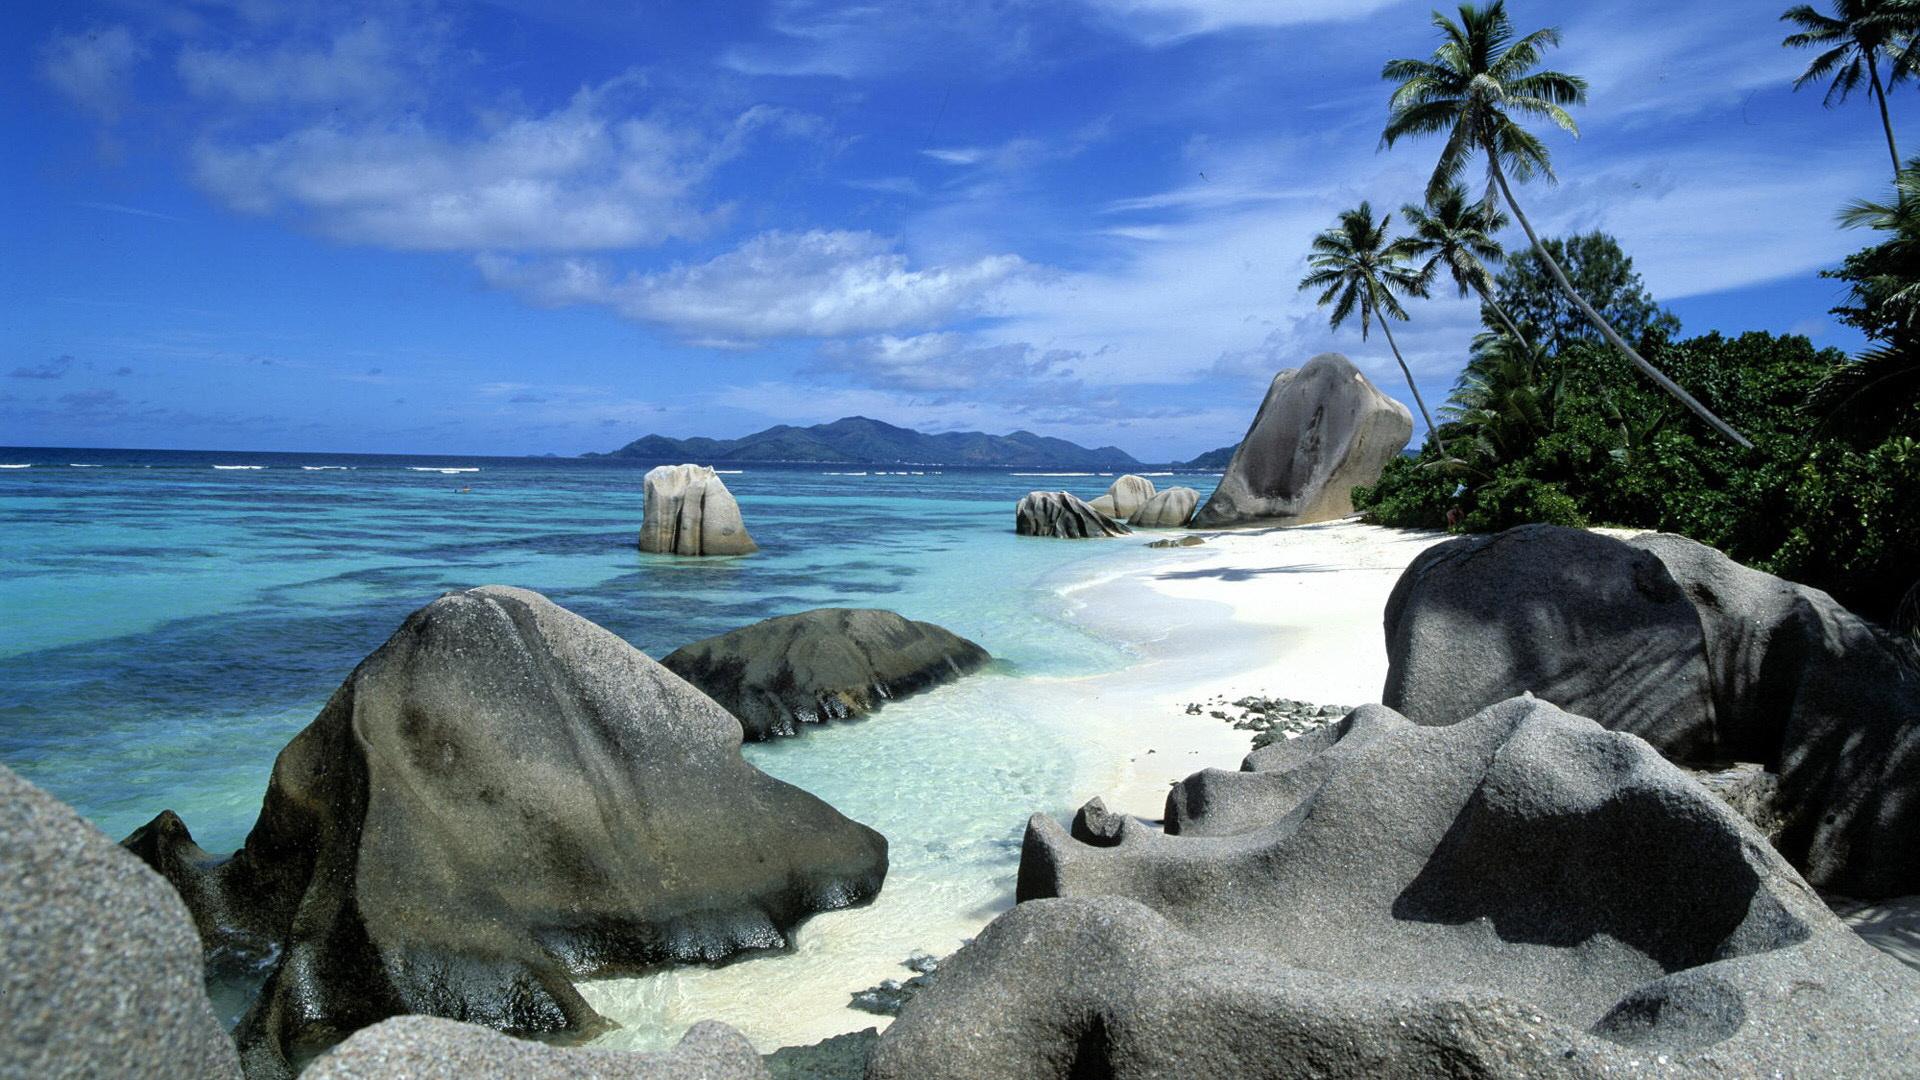 ساحل صخره ای